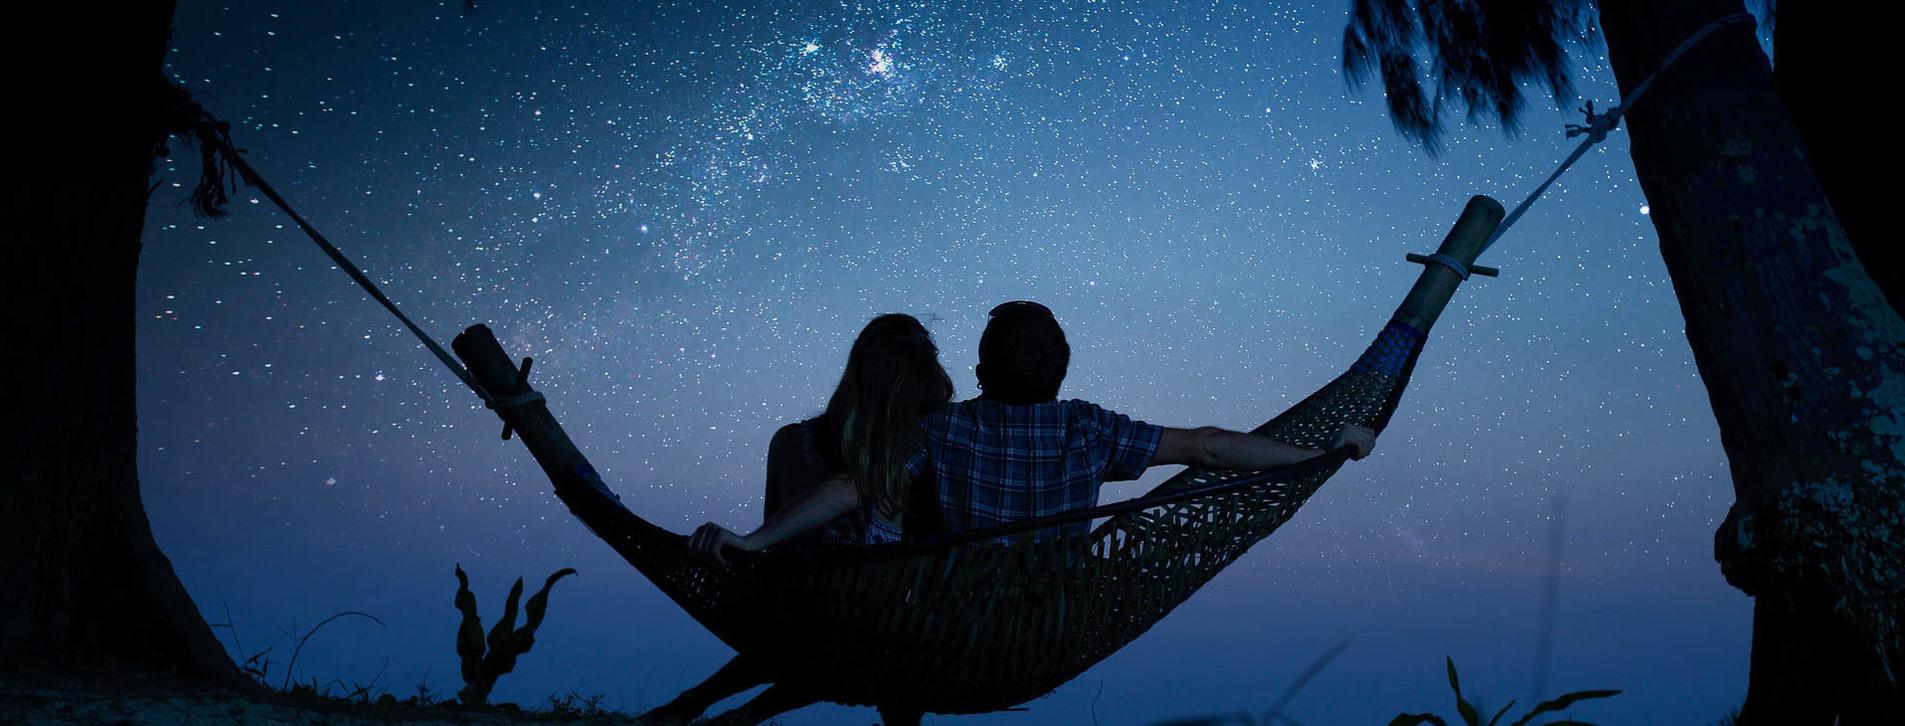 Фото 1 - Ночь под звездами